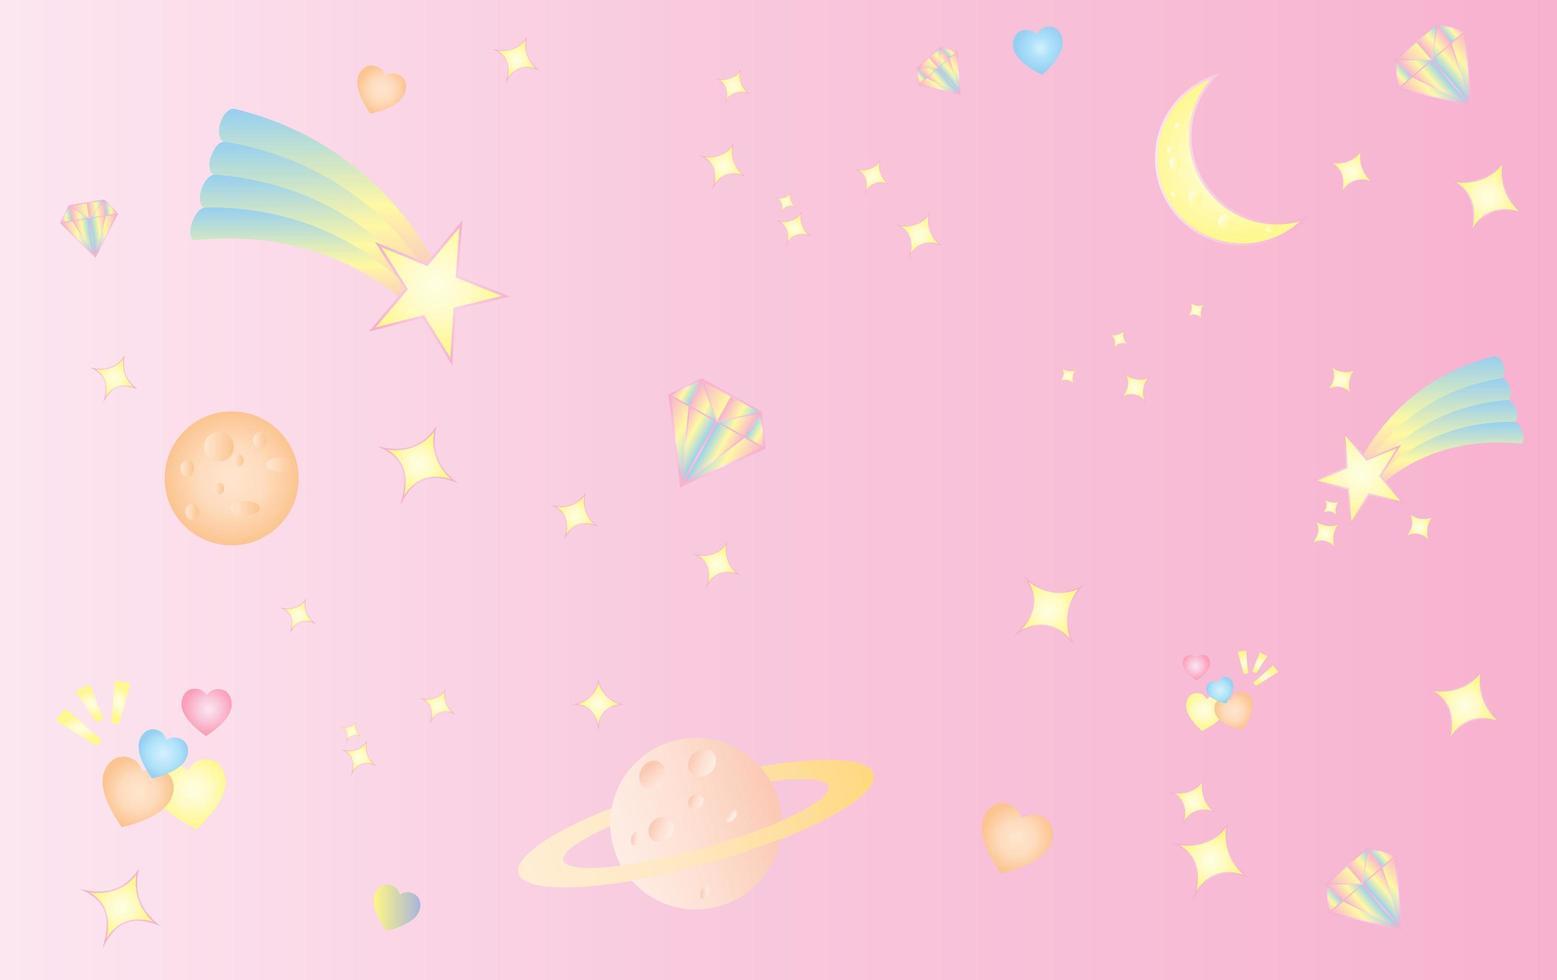 spazio e cosmo dolce carino sfondo rosa pastello vettore